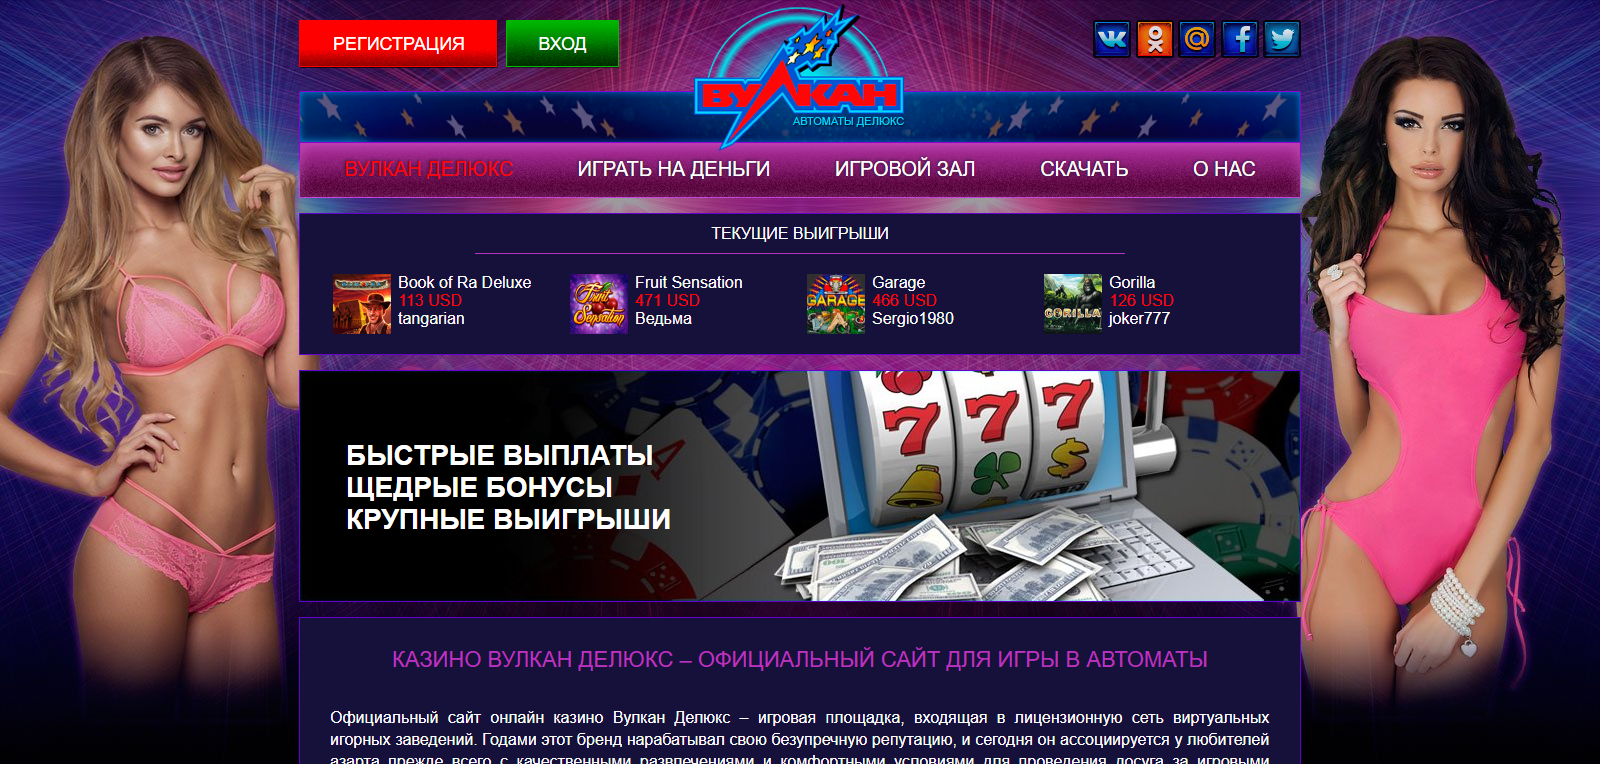 официальный сайт казино делюкс официальный сайт